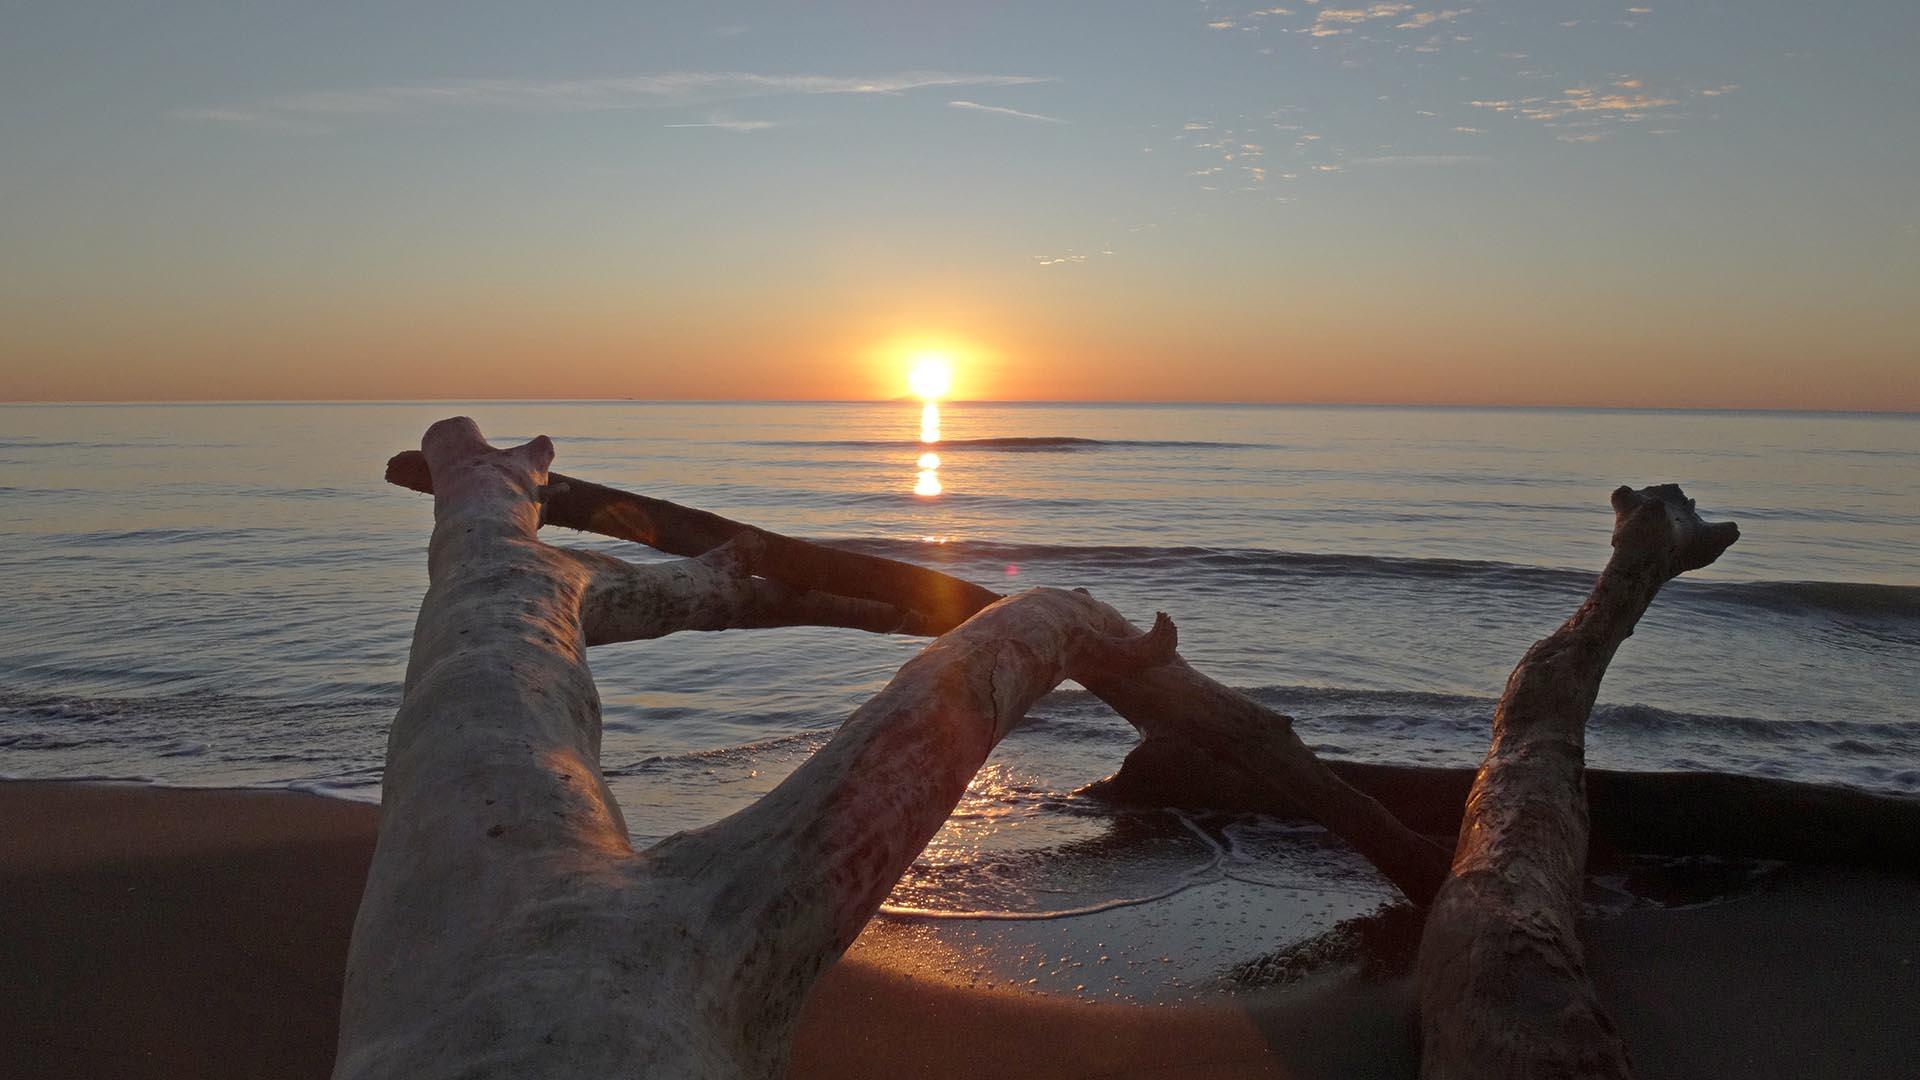 """Este parque nacional alberga excursionistas y más que unos pocos """"cinghiale"""" o jabalíes. Con un énfasis en la conservación, y solo se permite un número limitado de visitantes cada día, este sigue siendo uno de los oasis verdaderos de la costa, con troncos de árboles esculturales en la arena, perfectos para crear una carpa con toallas, y franjas de playa vacías e íntimas"""